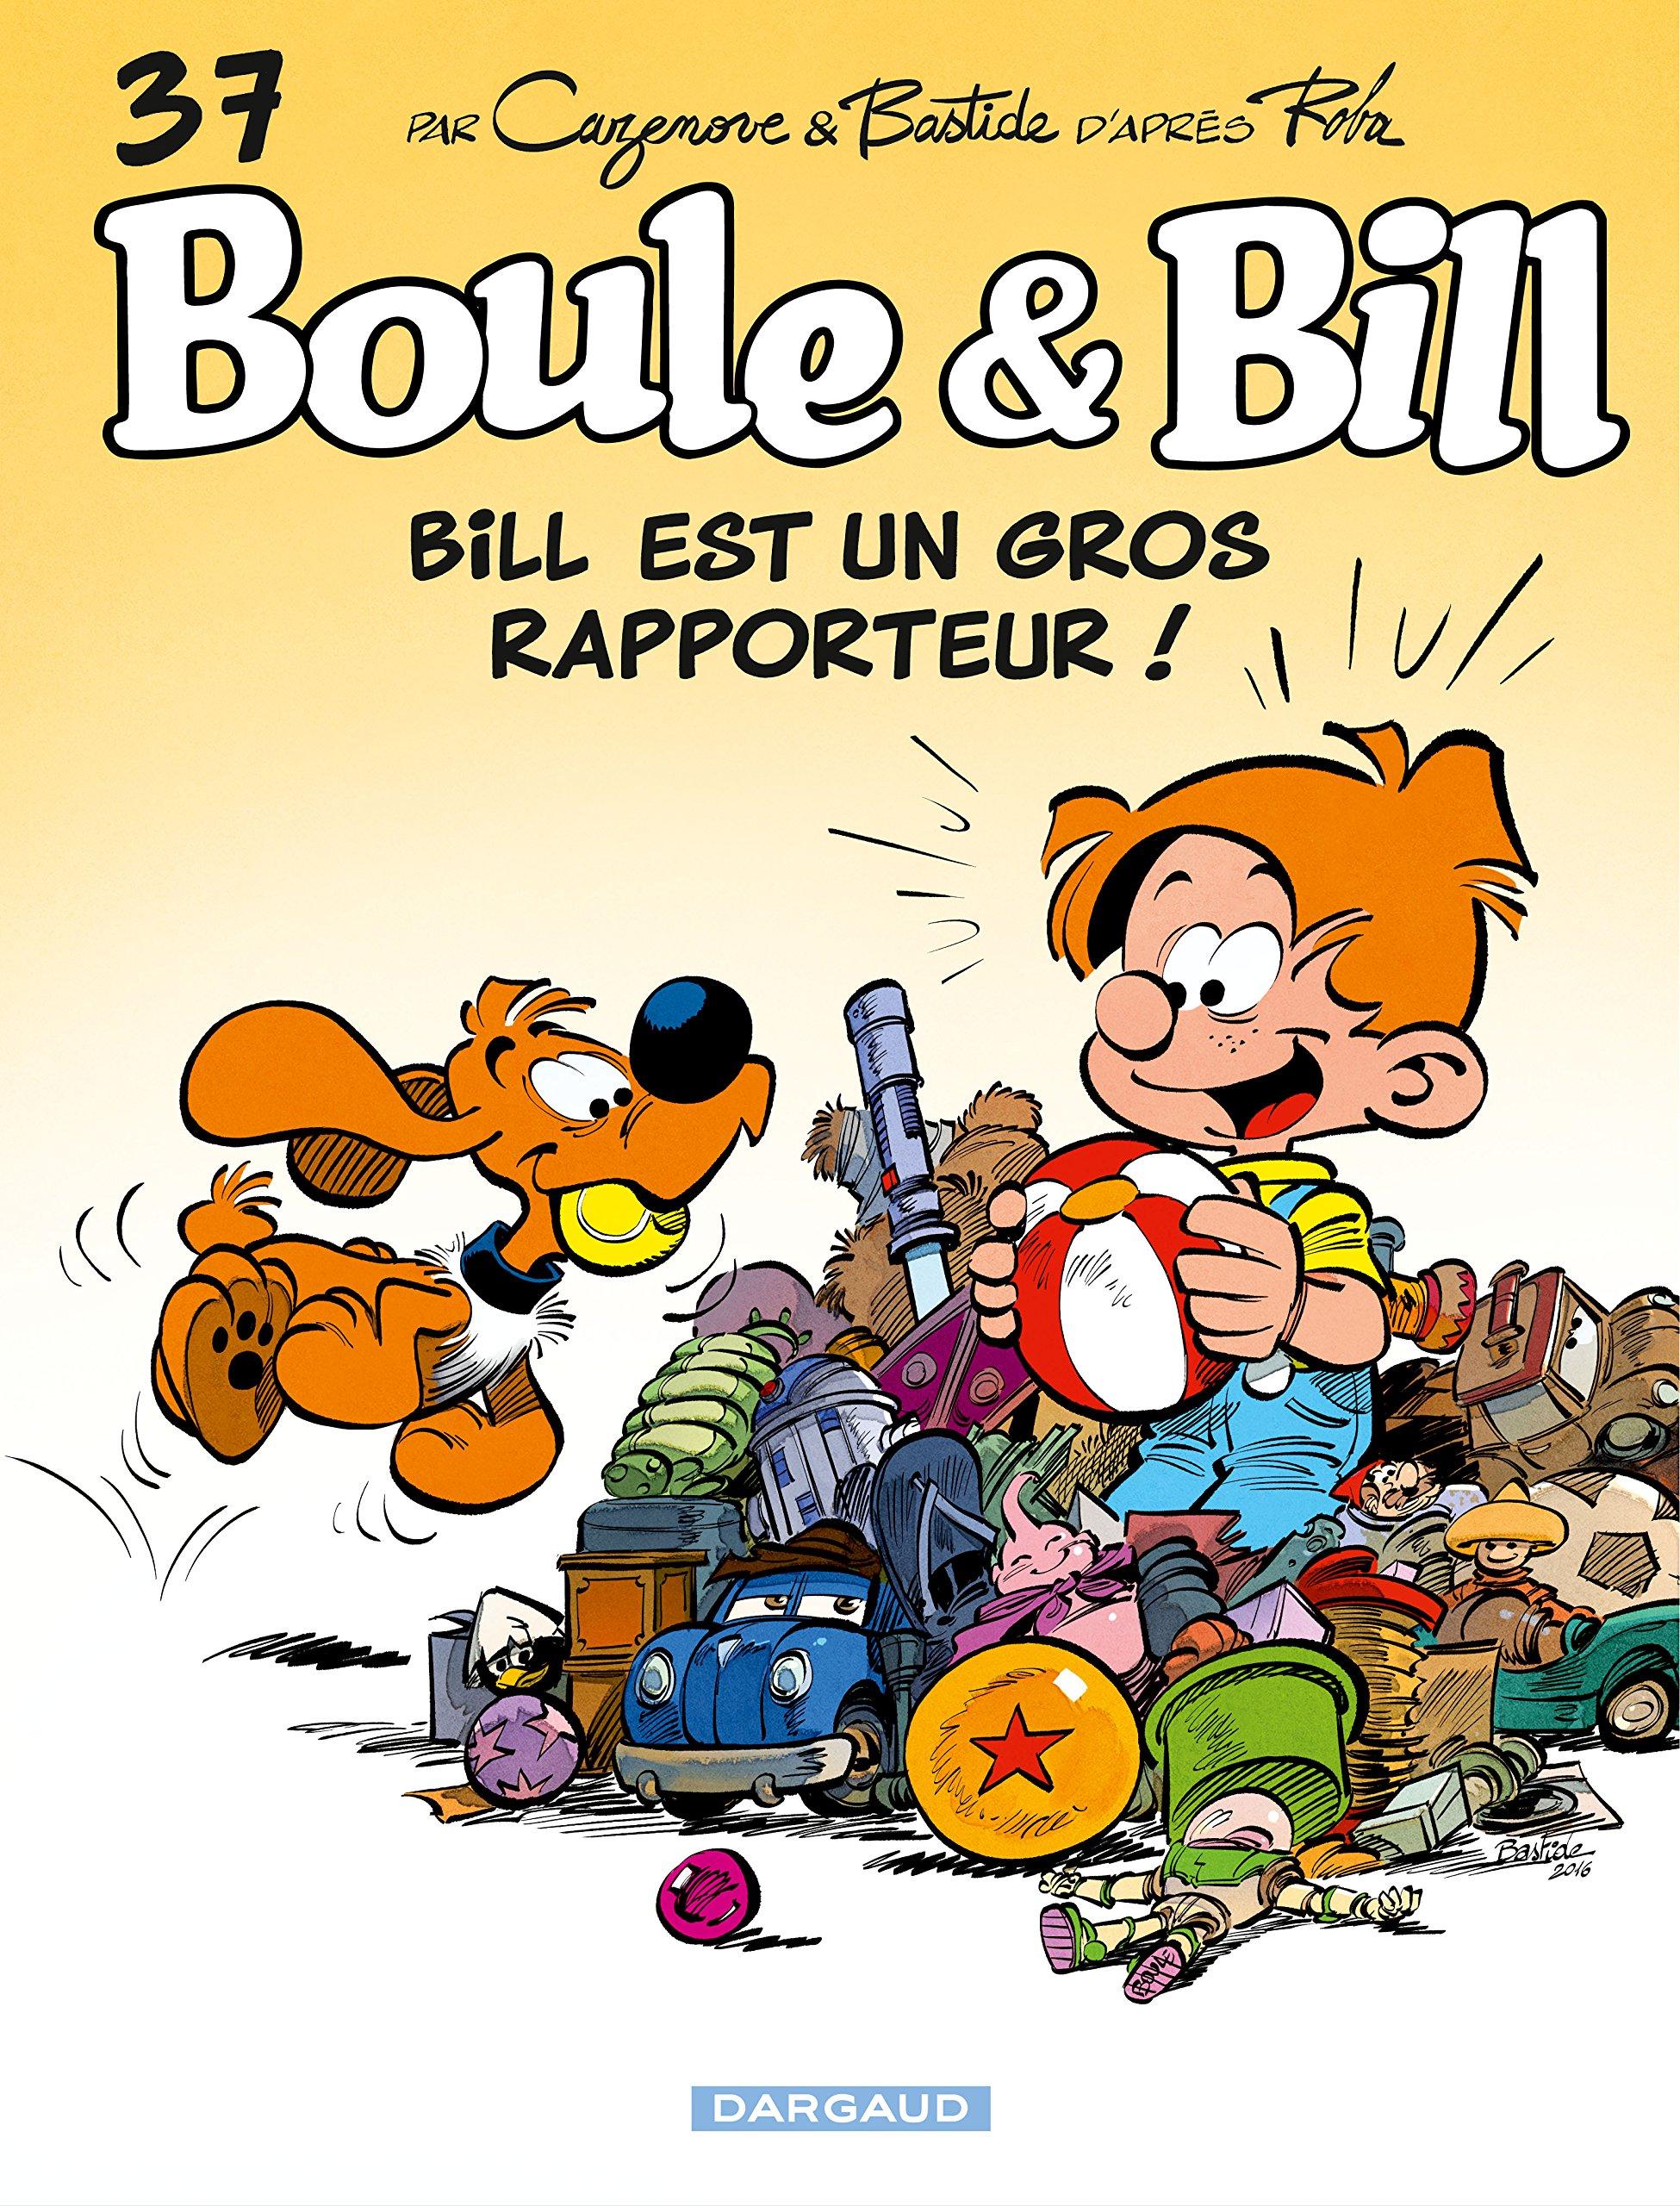 boule-et-bill-bd-volume-37-simple-2001-266702